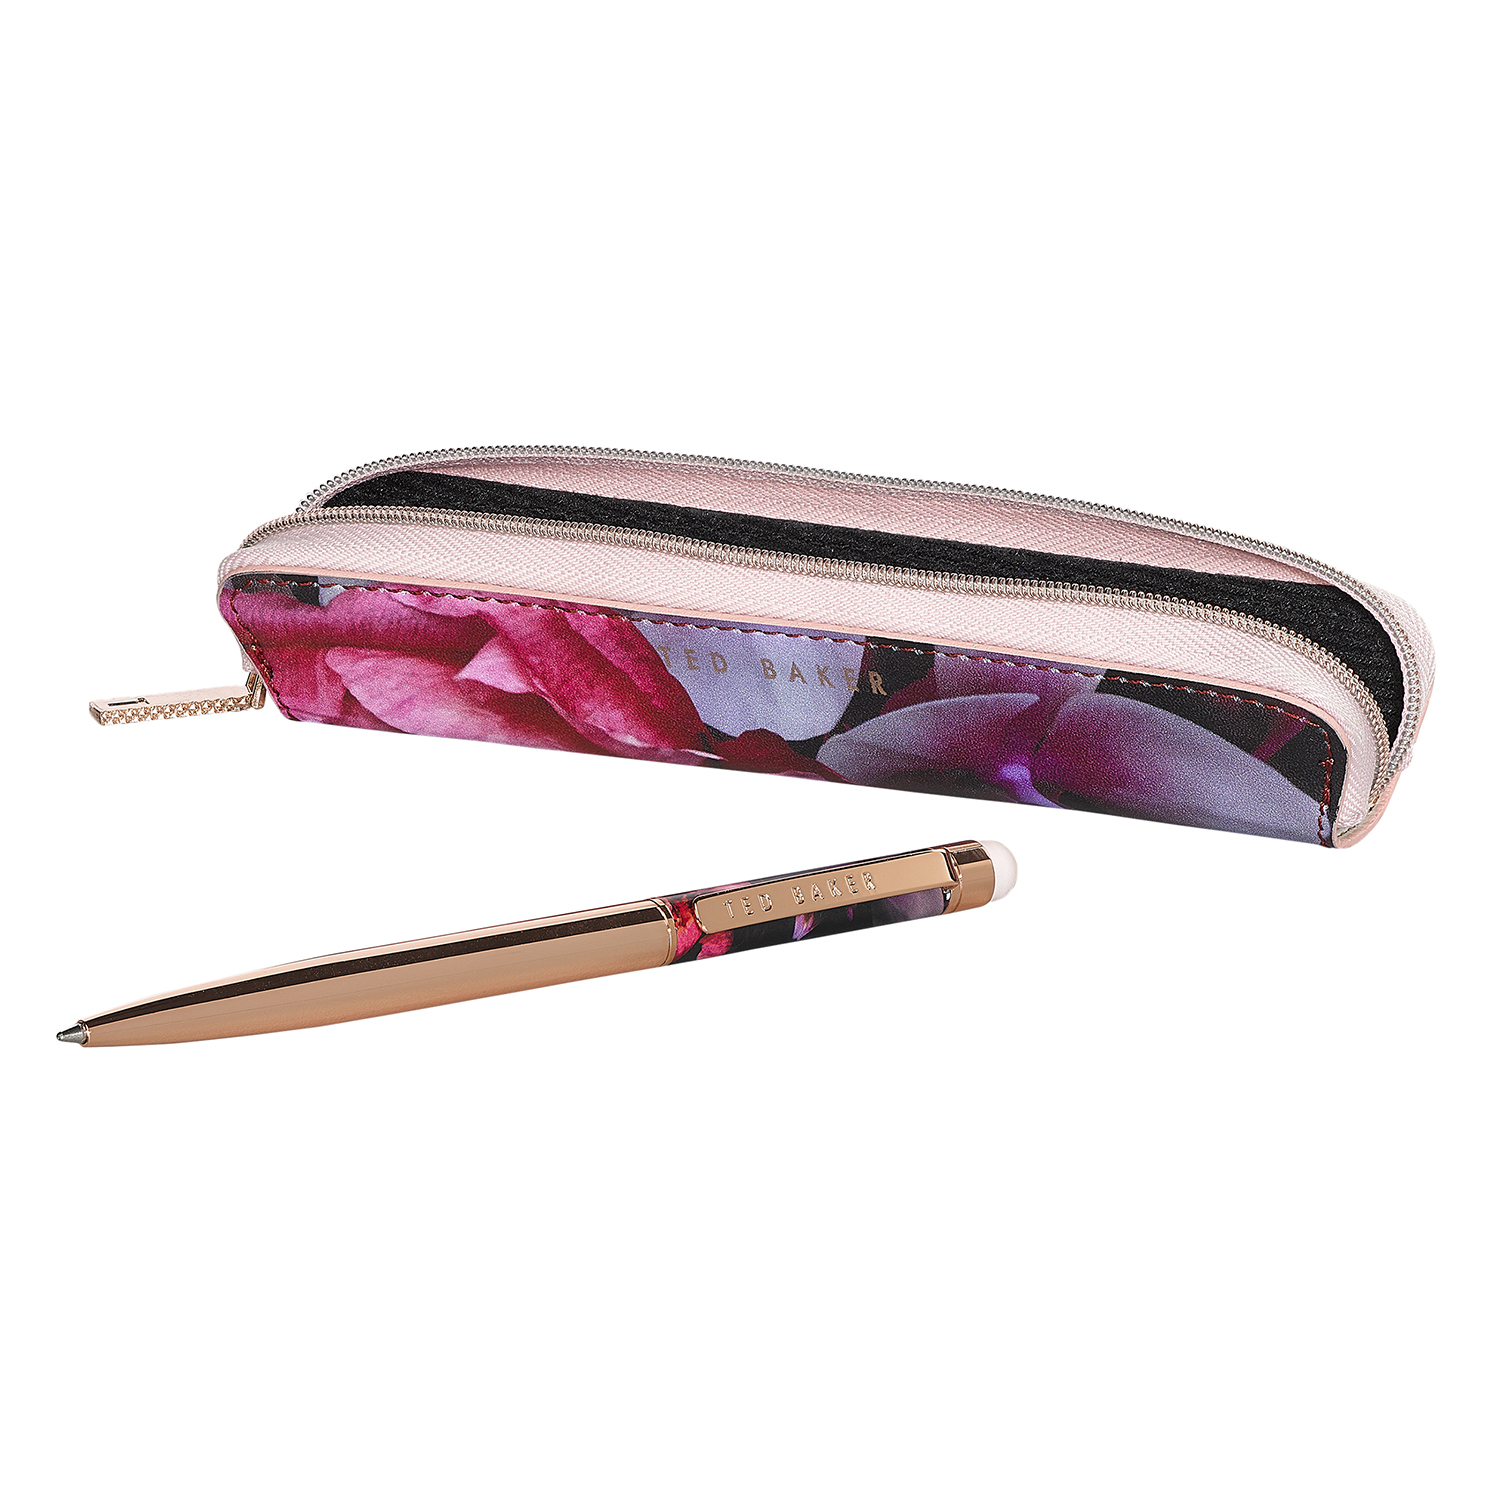 Ted Baker – Black Splendour Case with Rose Gold Touchscreen Slim Pen in Gift Box